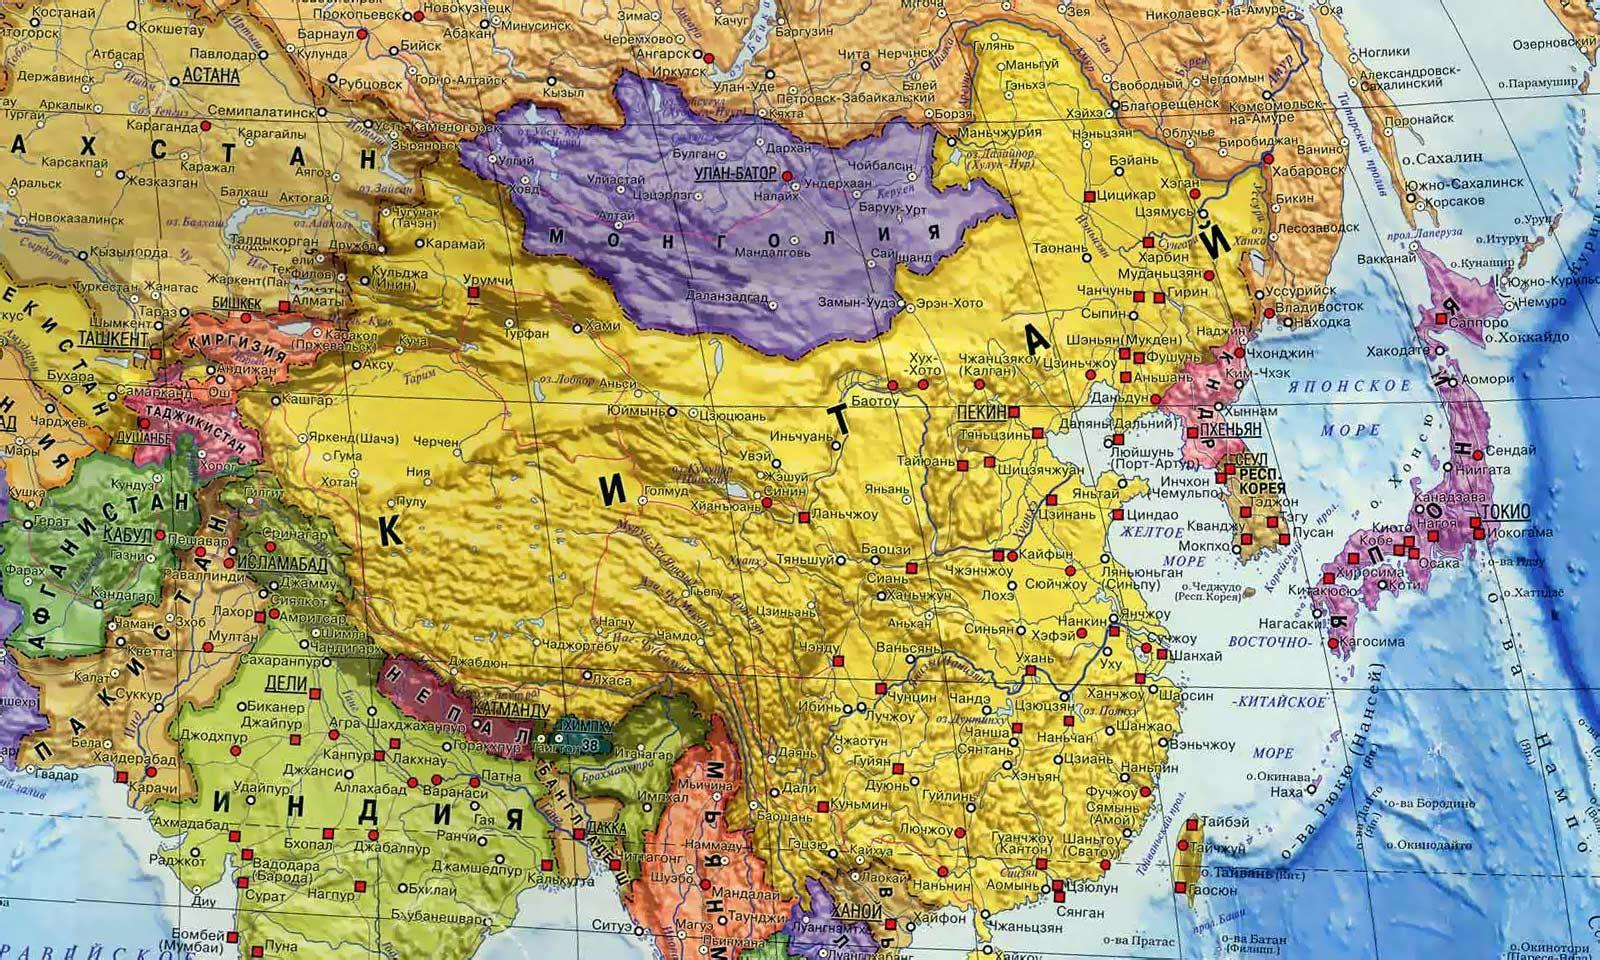 Опиумные войны в Китае История Китая Колониальные войны Китай в  Полная карта Китая Опиумные войны в Китае фото История Китая Китай в 19